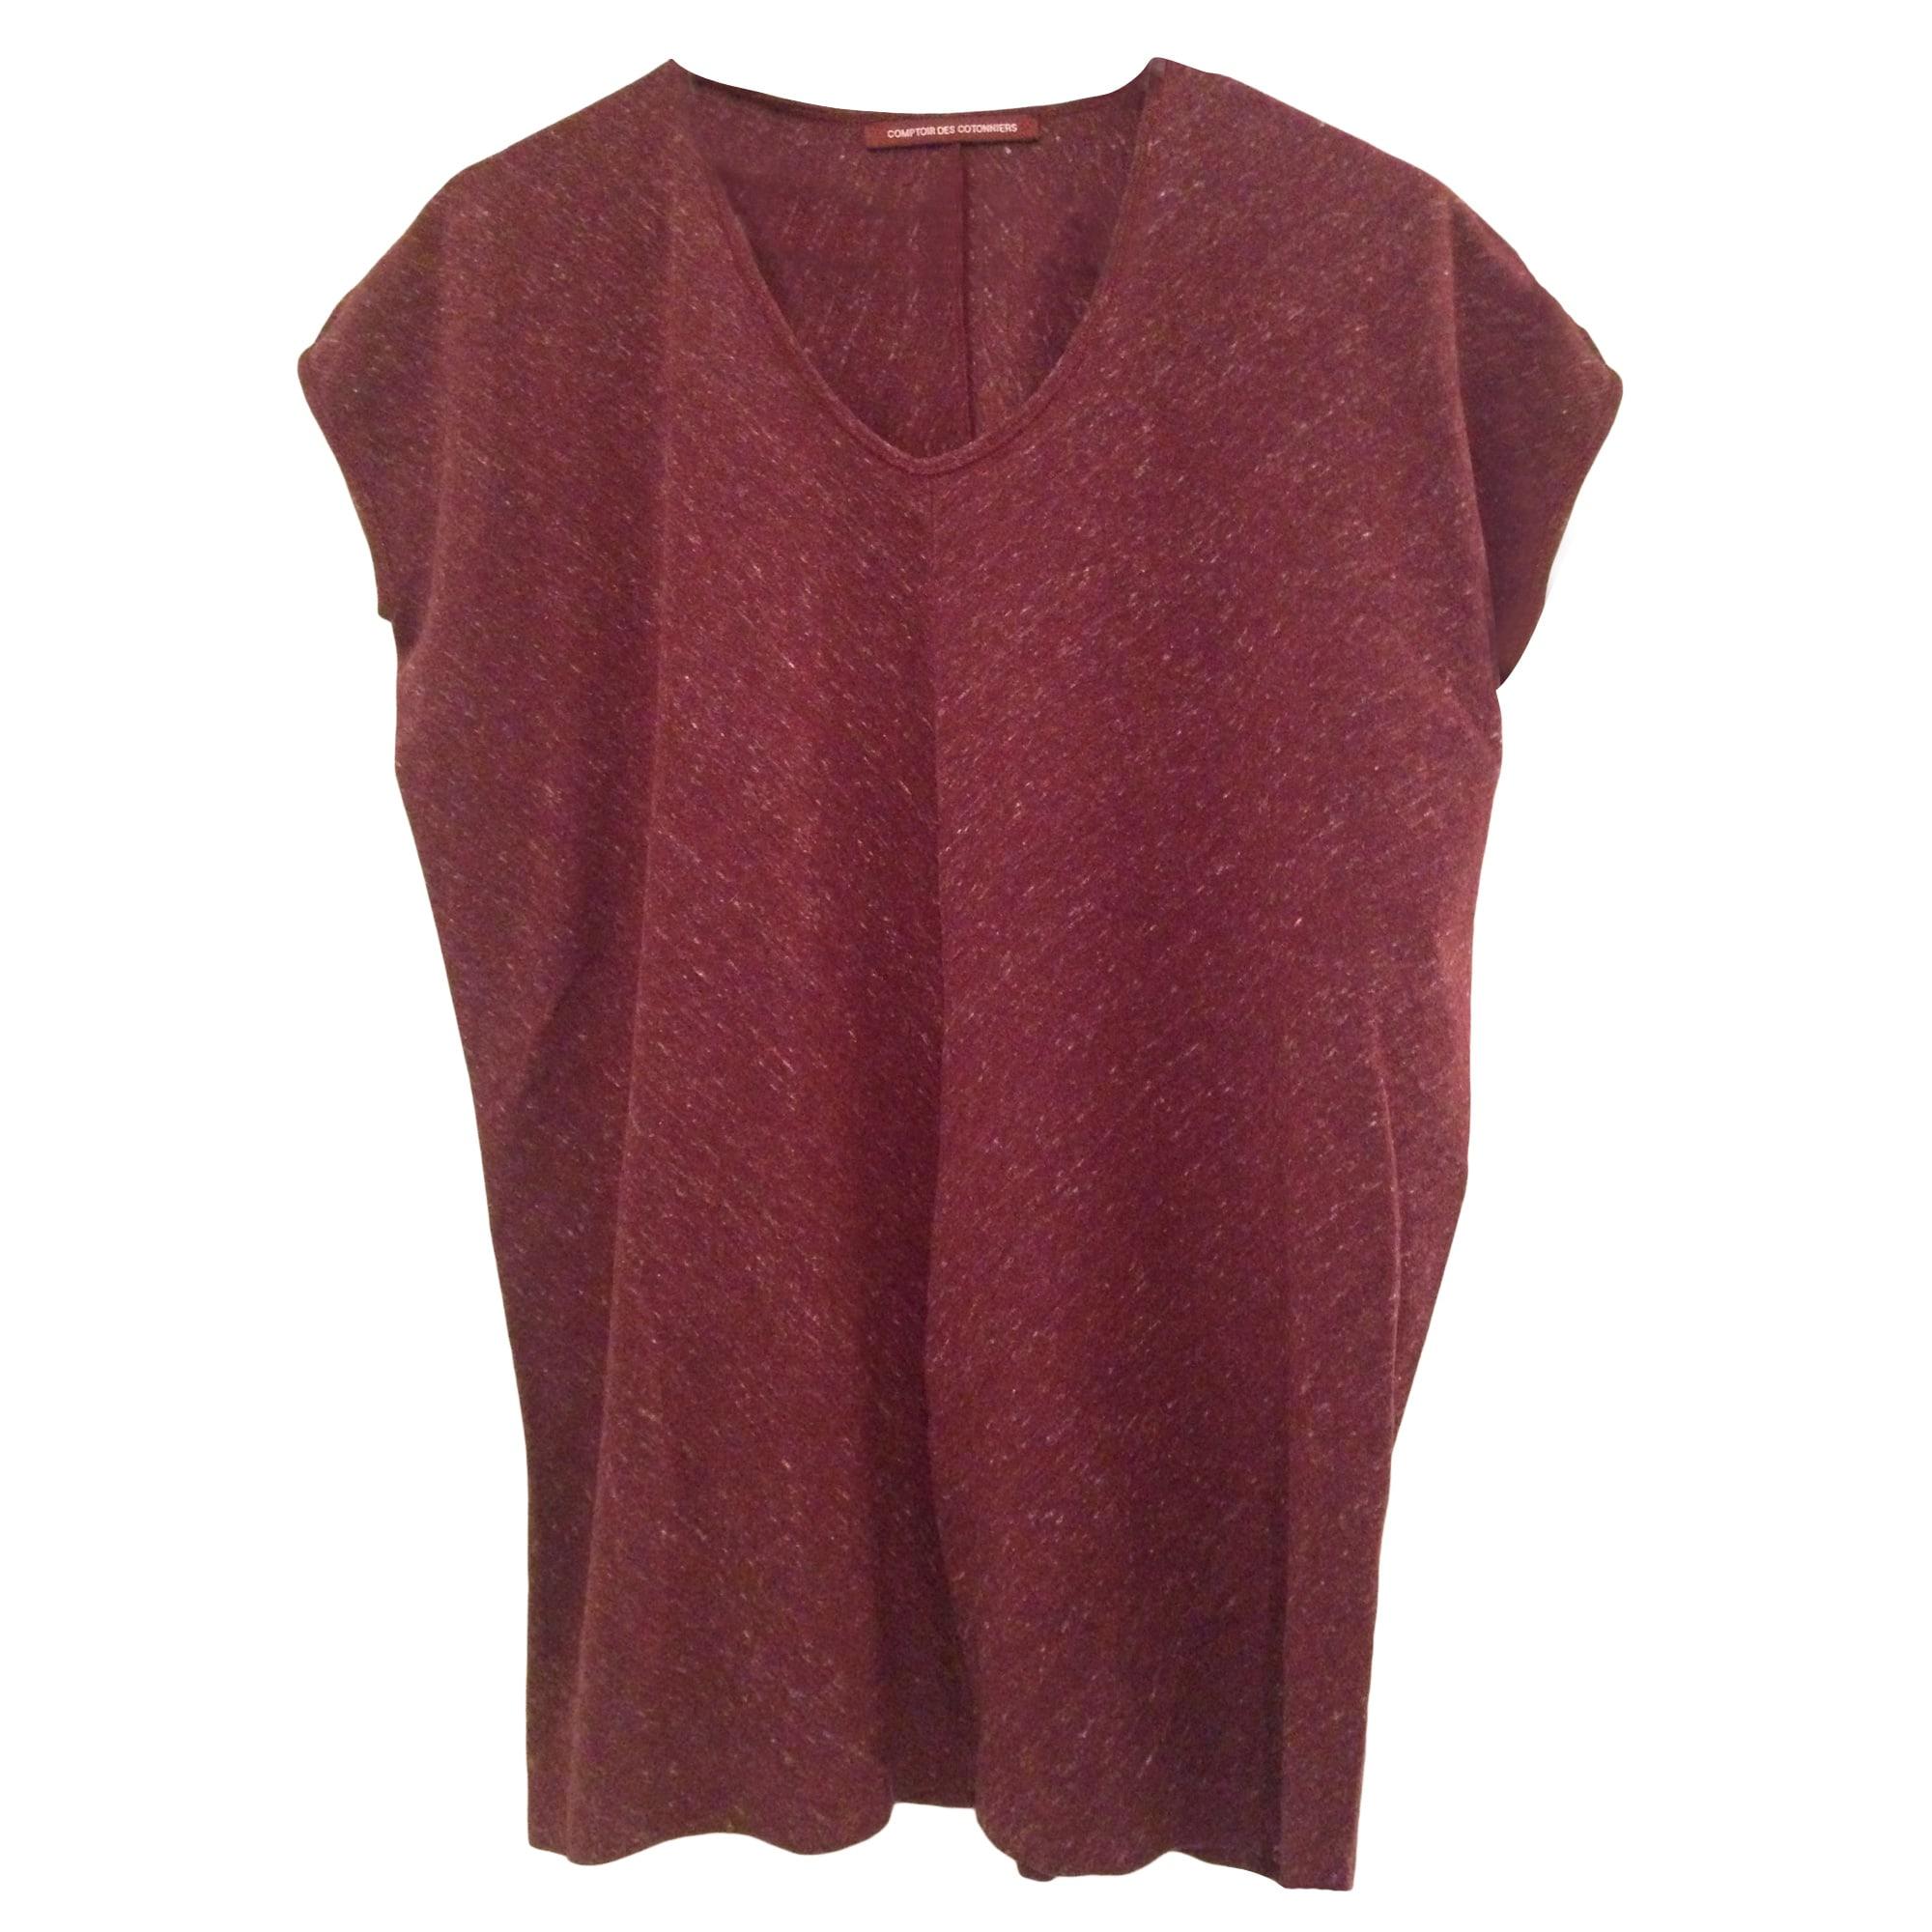 Top, tee-shirt COMPTOIR DES COTONNIERS Rouge, bordeaux